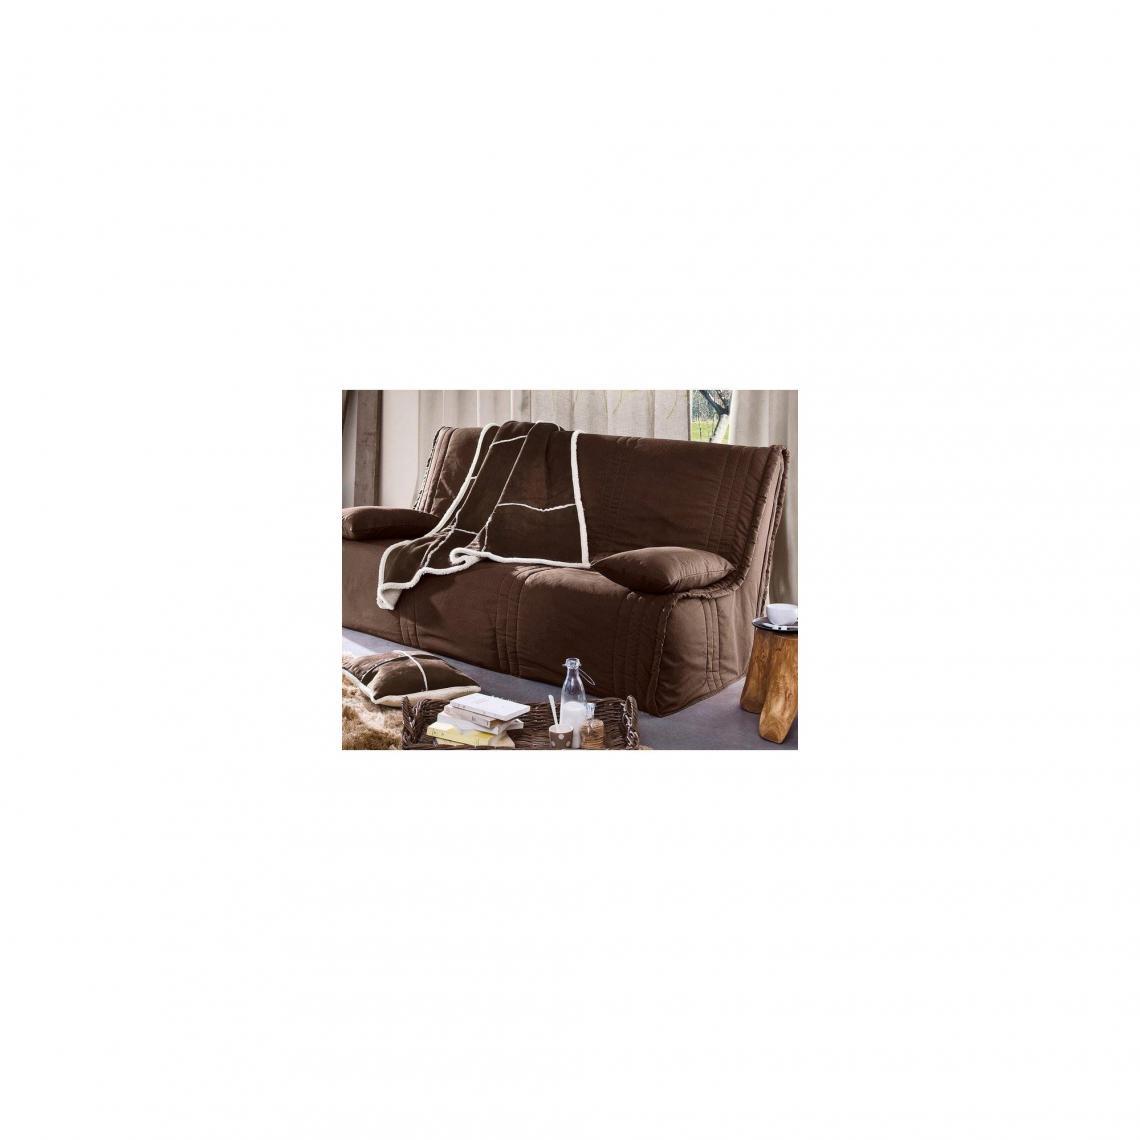 Housse clic-clac matelassées Becquet - Chocolat Becquet Linge de maison 0a9a76432dcb